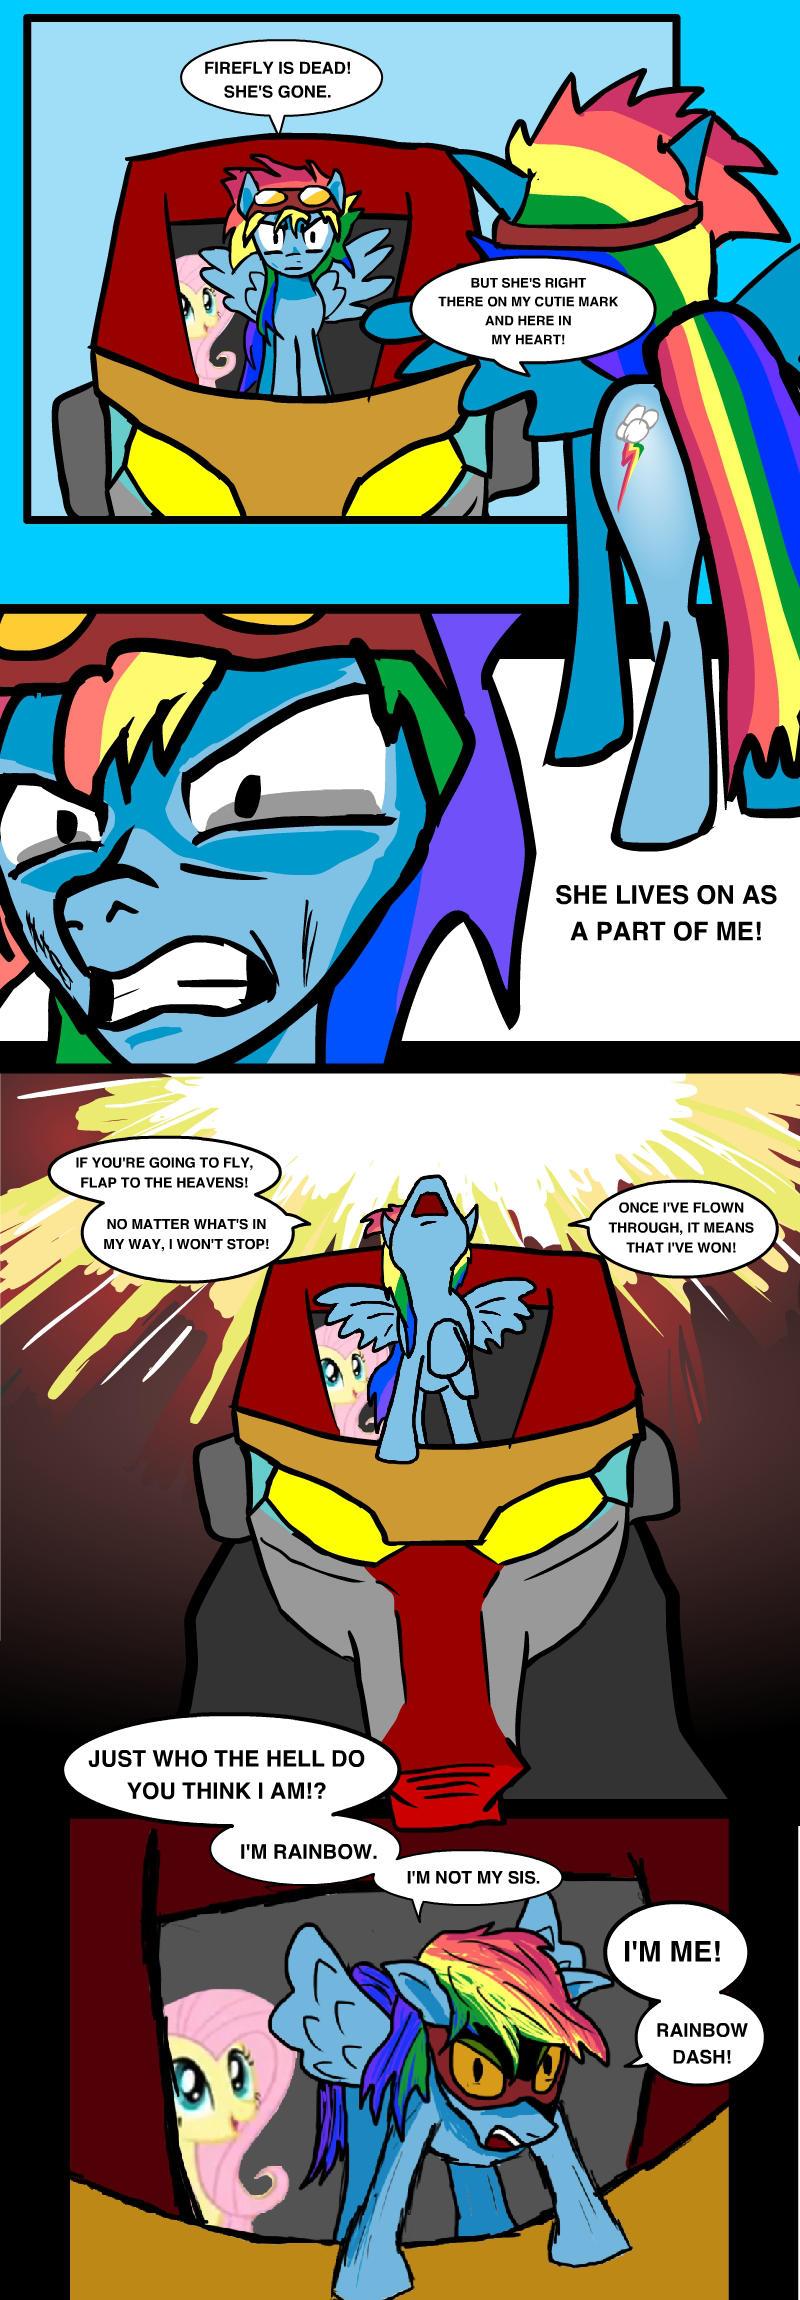 Row Row Fight da Pony by TX2